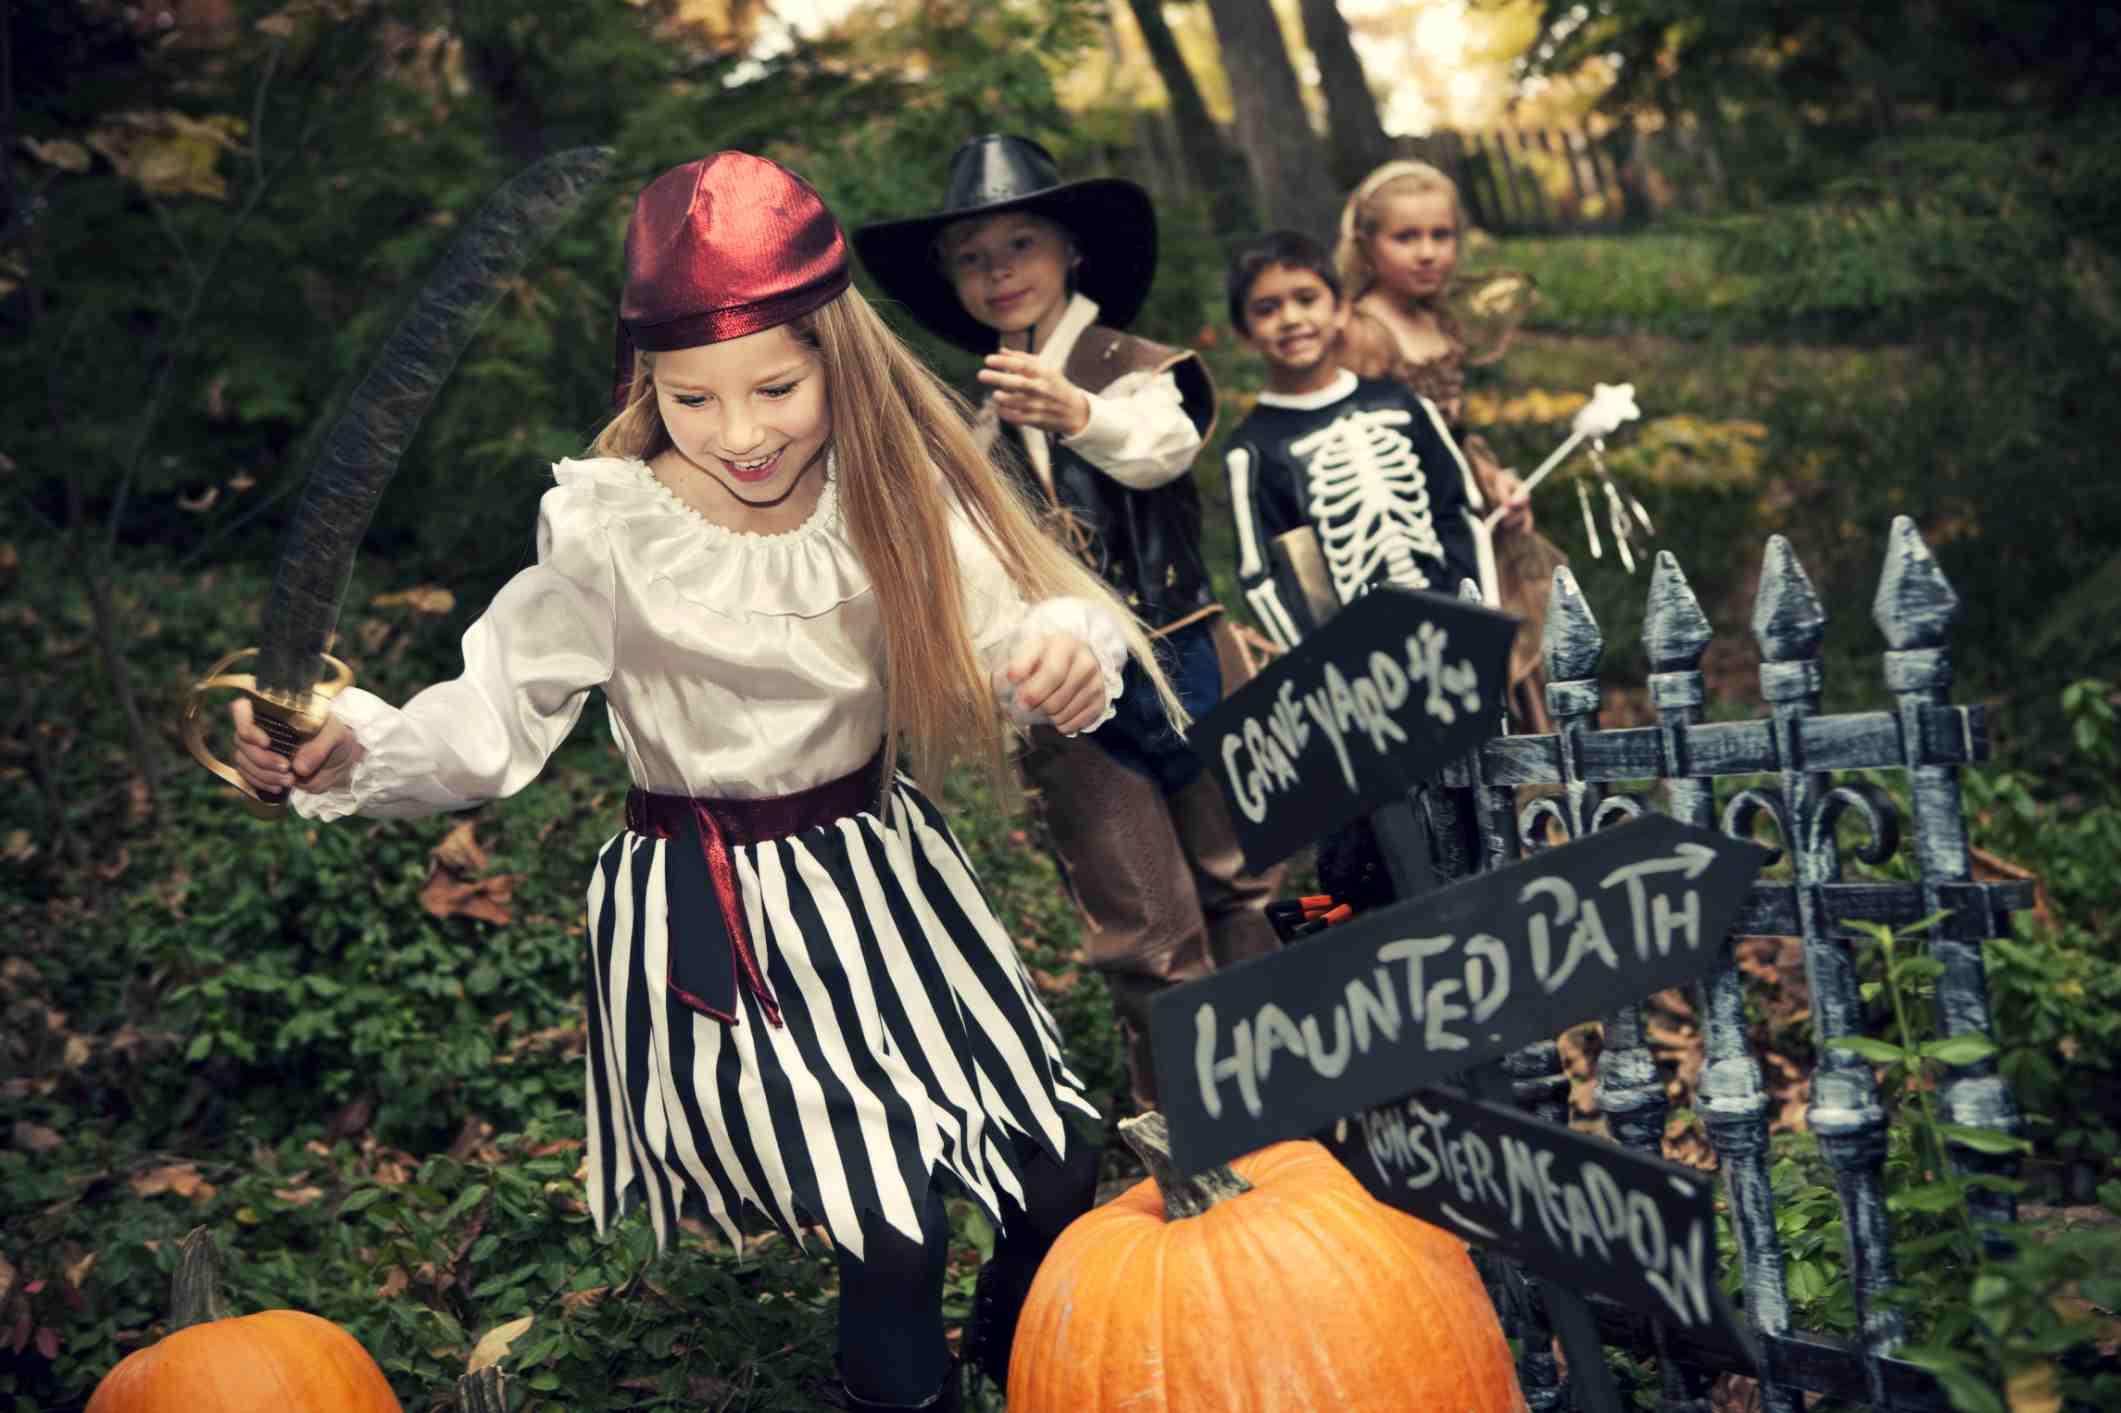 Un grupo de niños corriendo en sus disfraces de Halloween